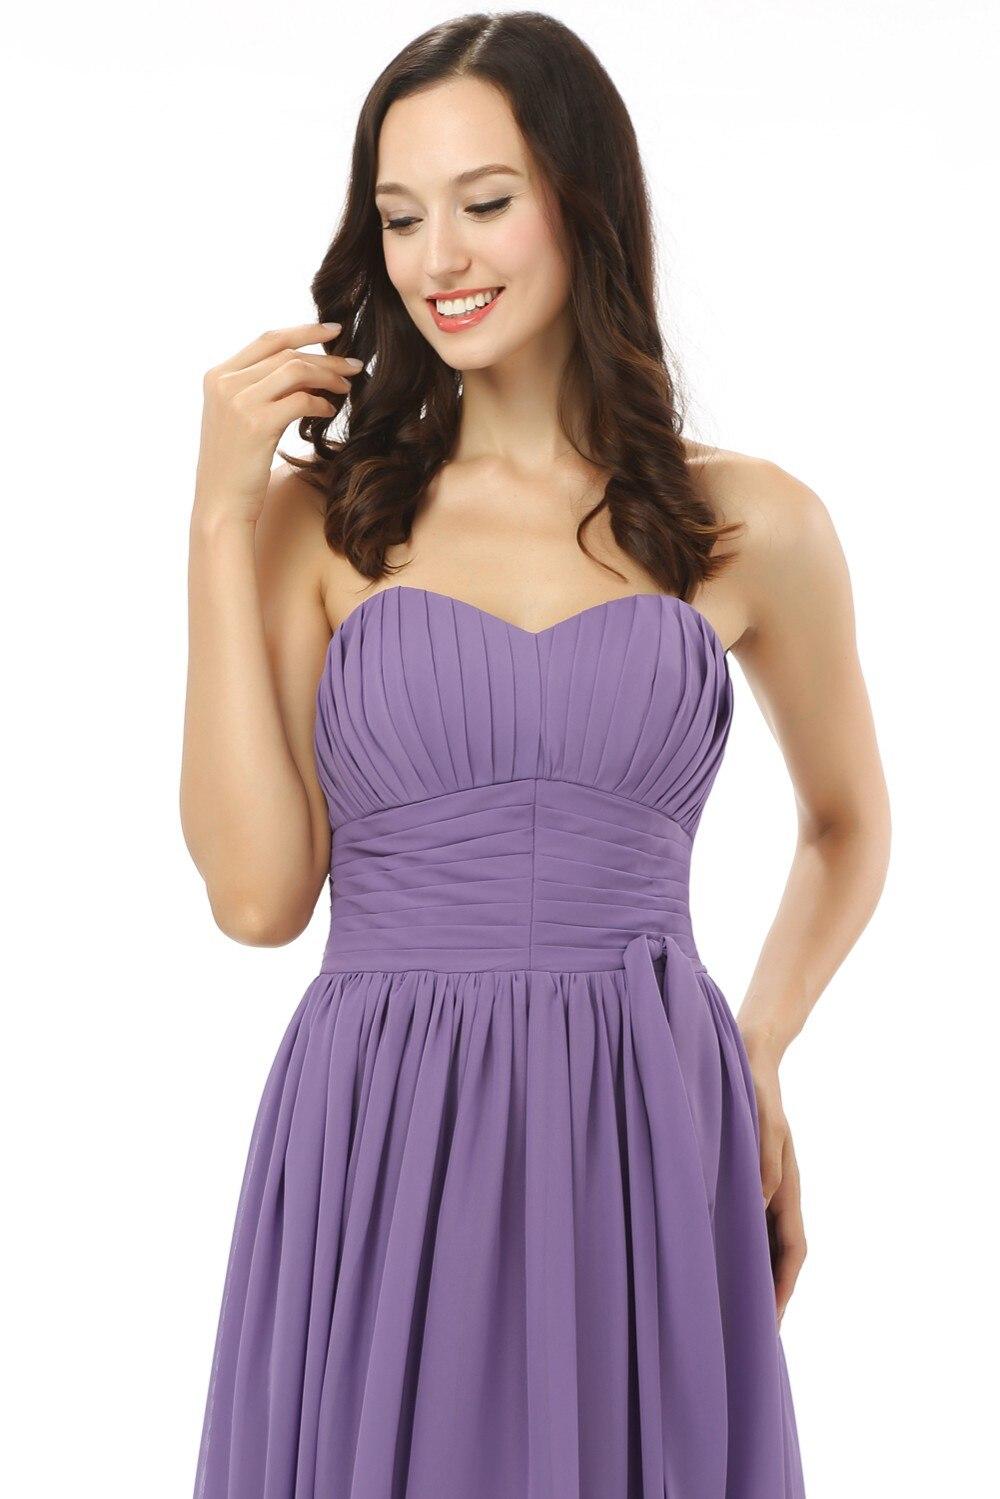 Nouveau 2019 robes de demoiselle d'honneur pas cher moins de 50 a-ligne chérie longueur de plancher en mousseline de soie violet clair robes de fête de mariage - 6